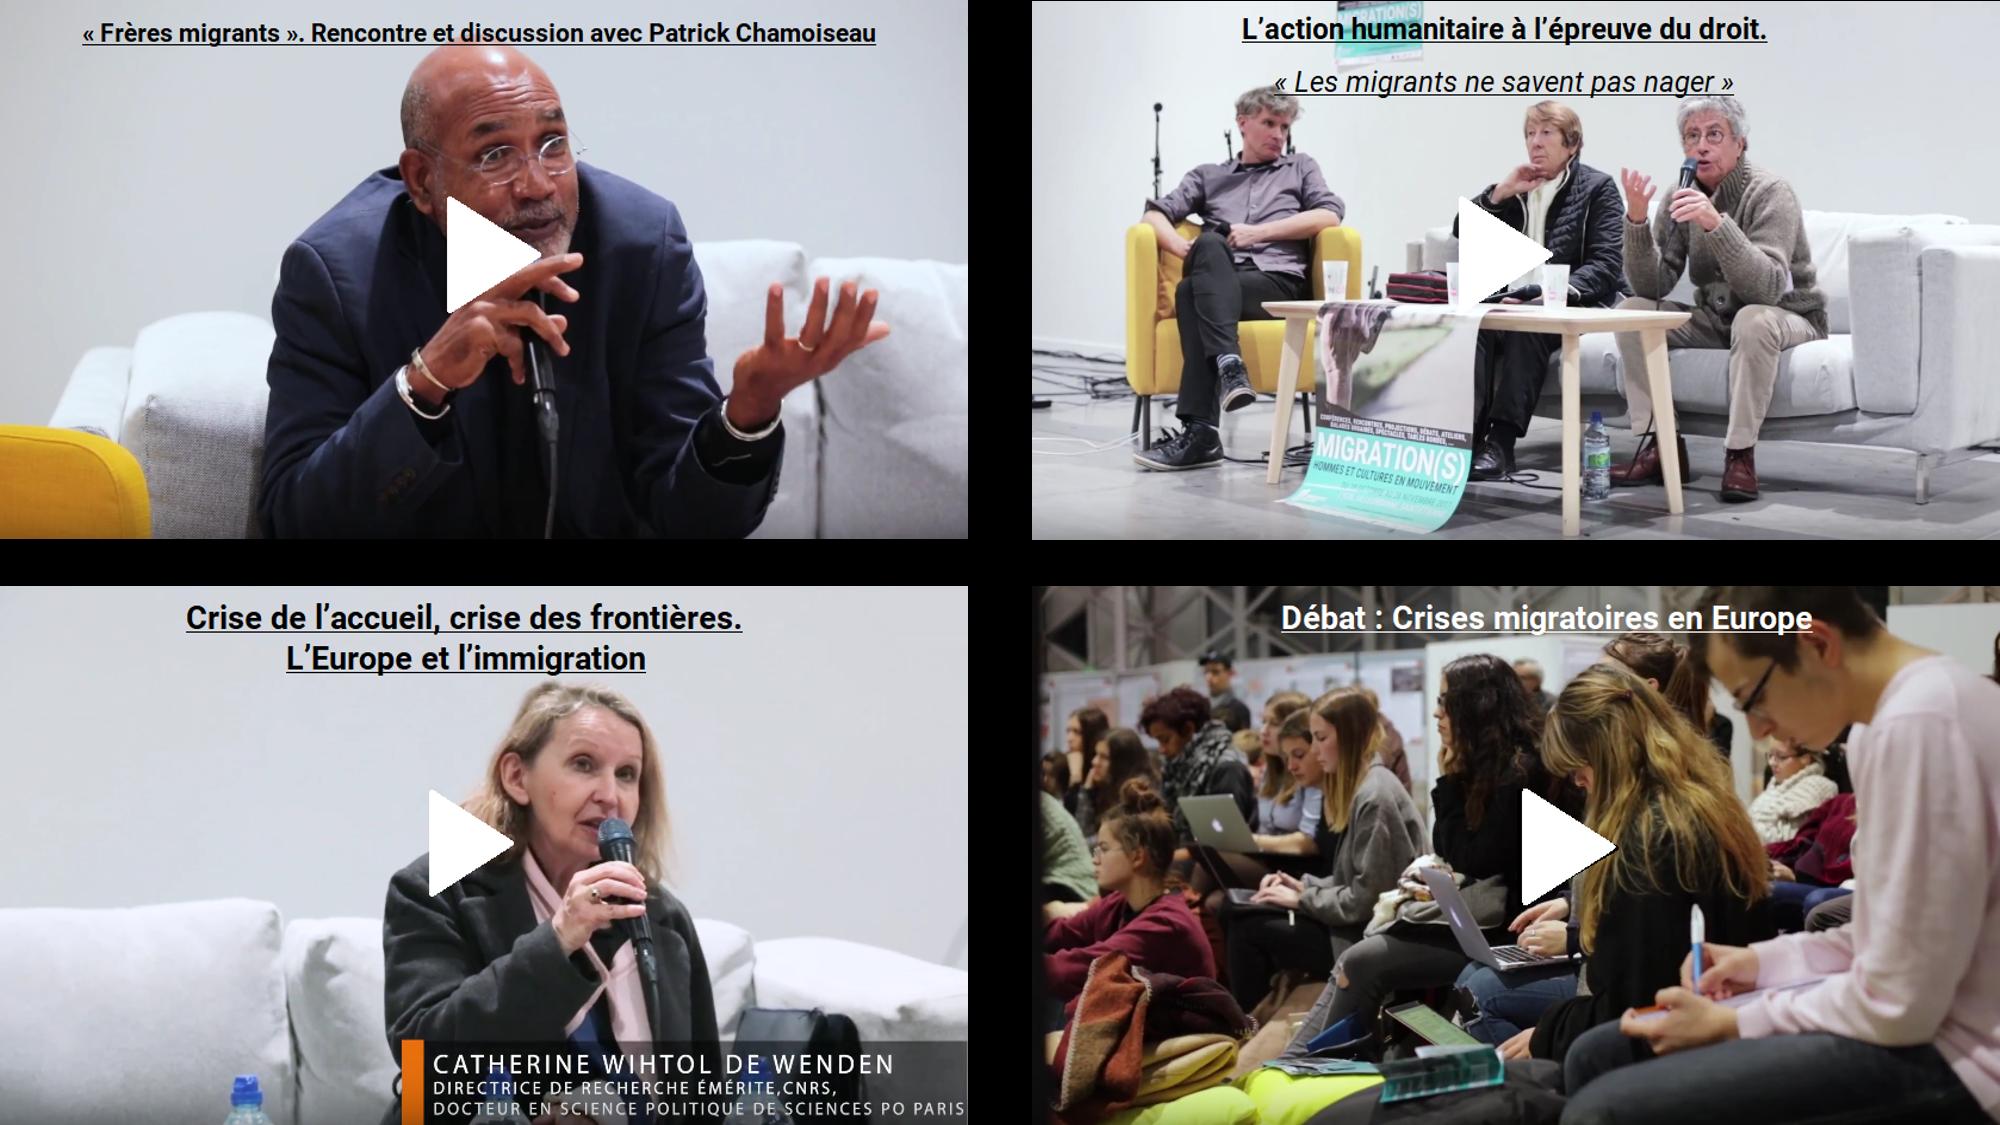 vidéos conférences, migration frontière mémoire